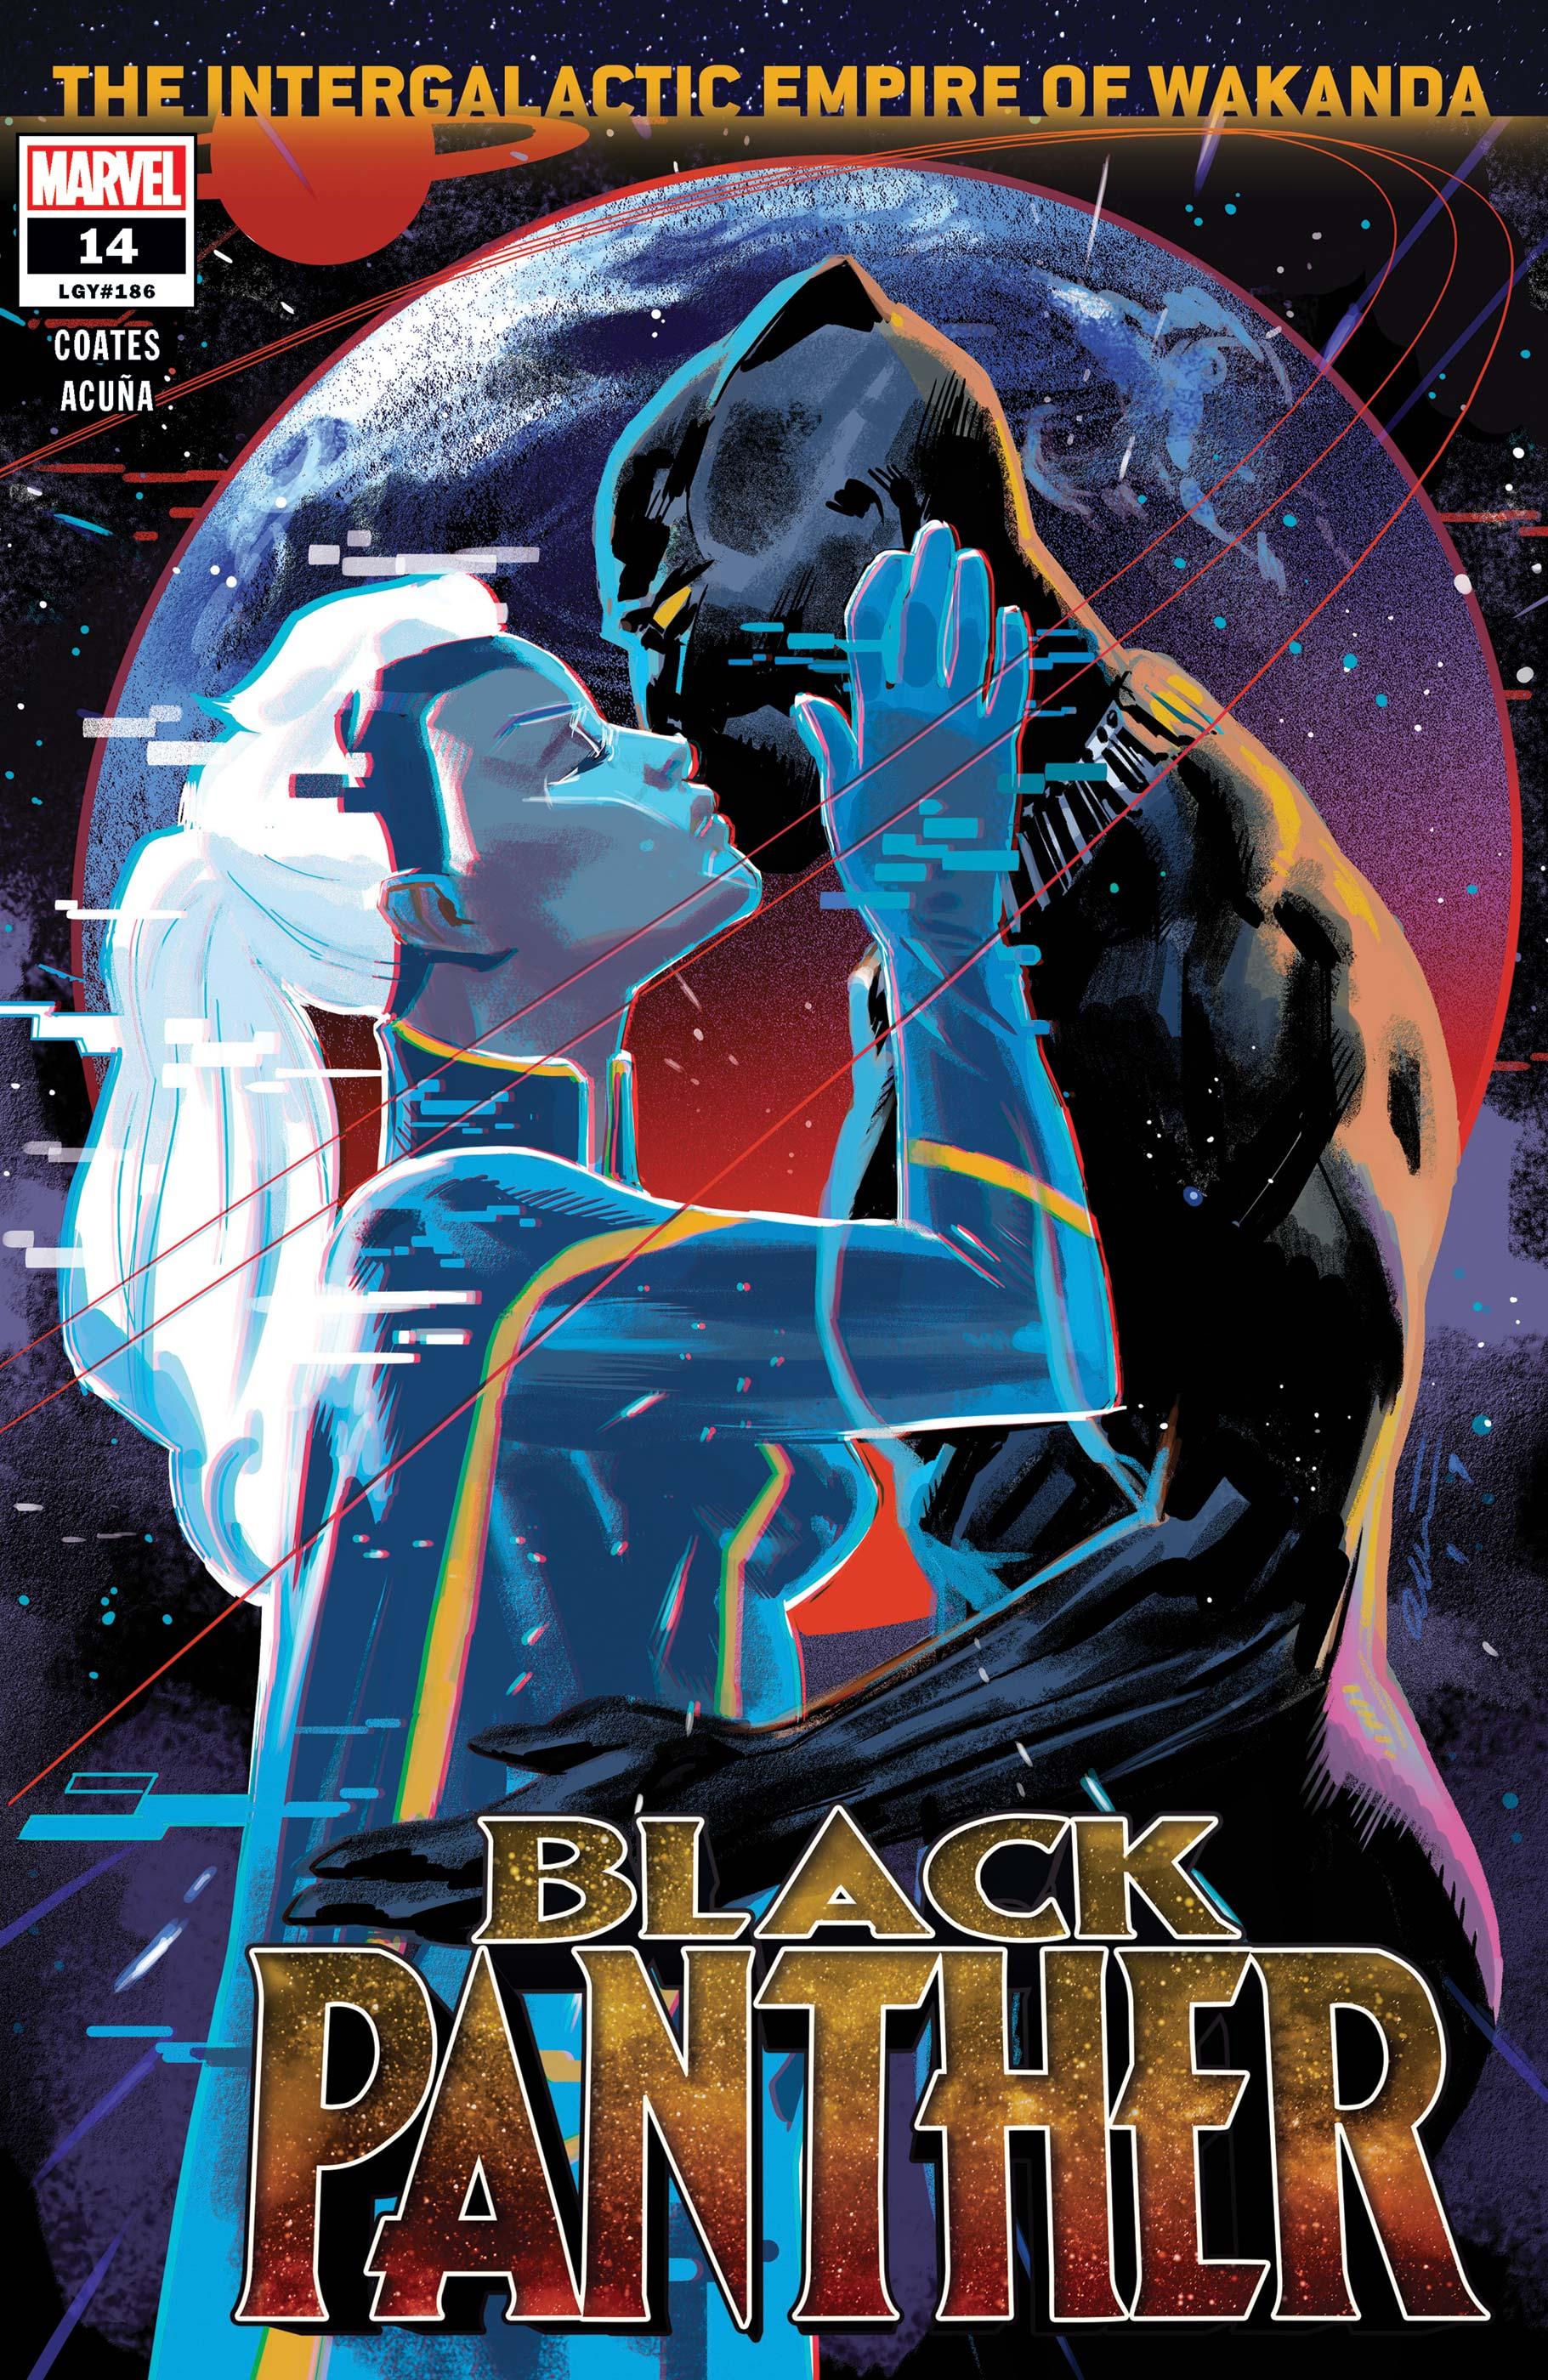 Black Panther (2018) #14